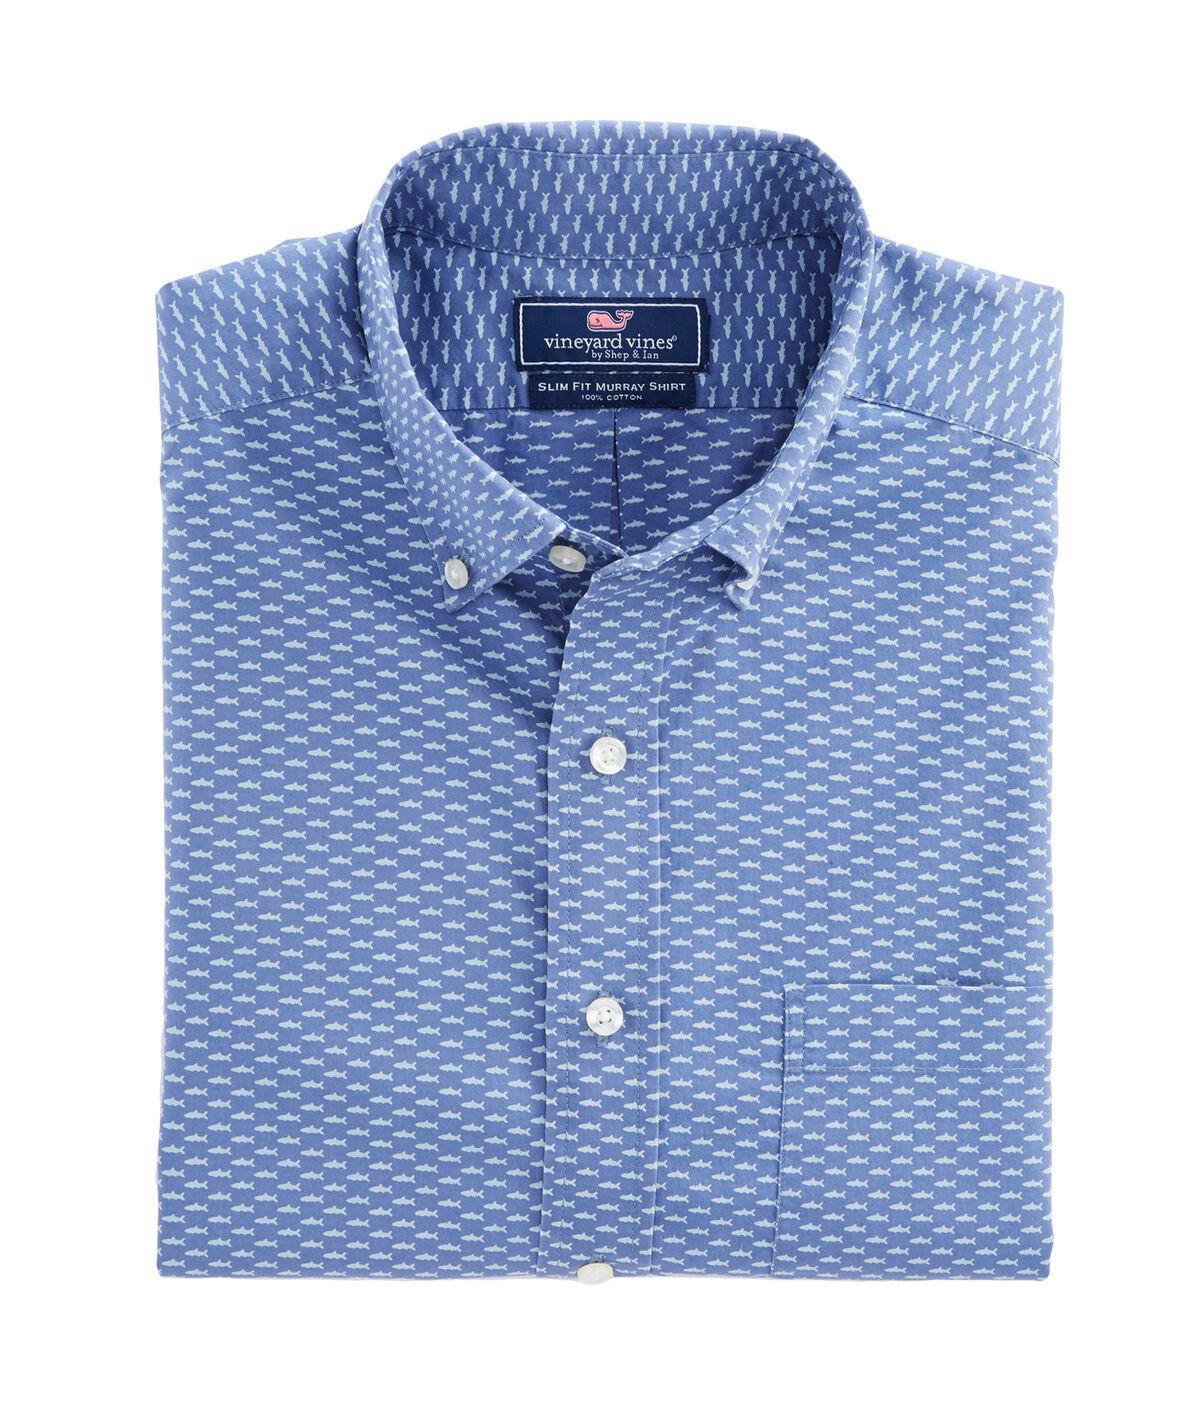 Shop micro fish print slim murray shirt at vineyard vines for Vineyard vines fishing shirt